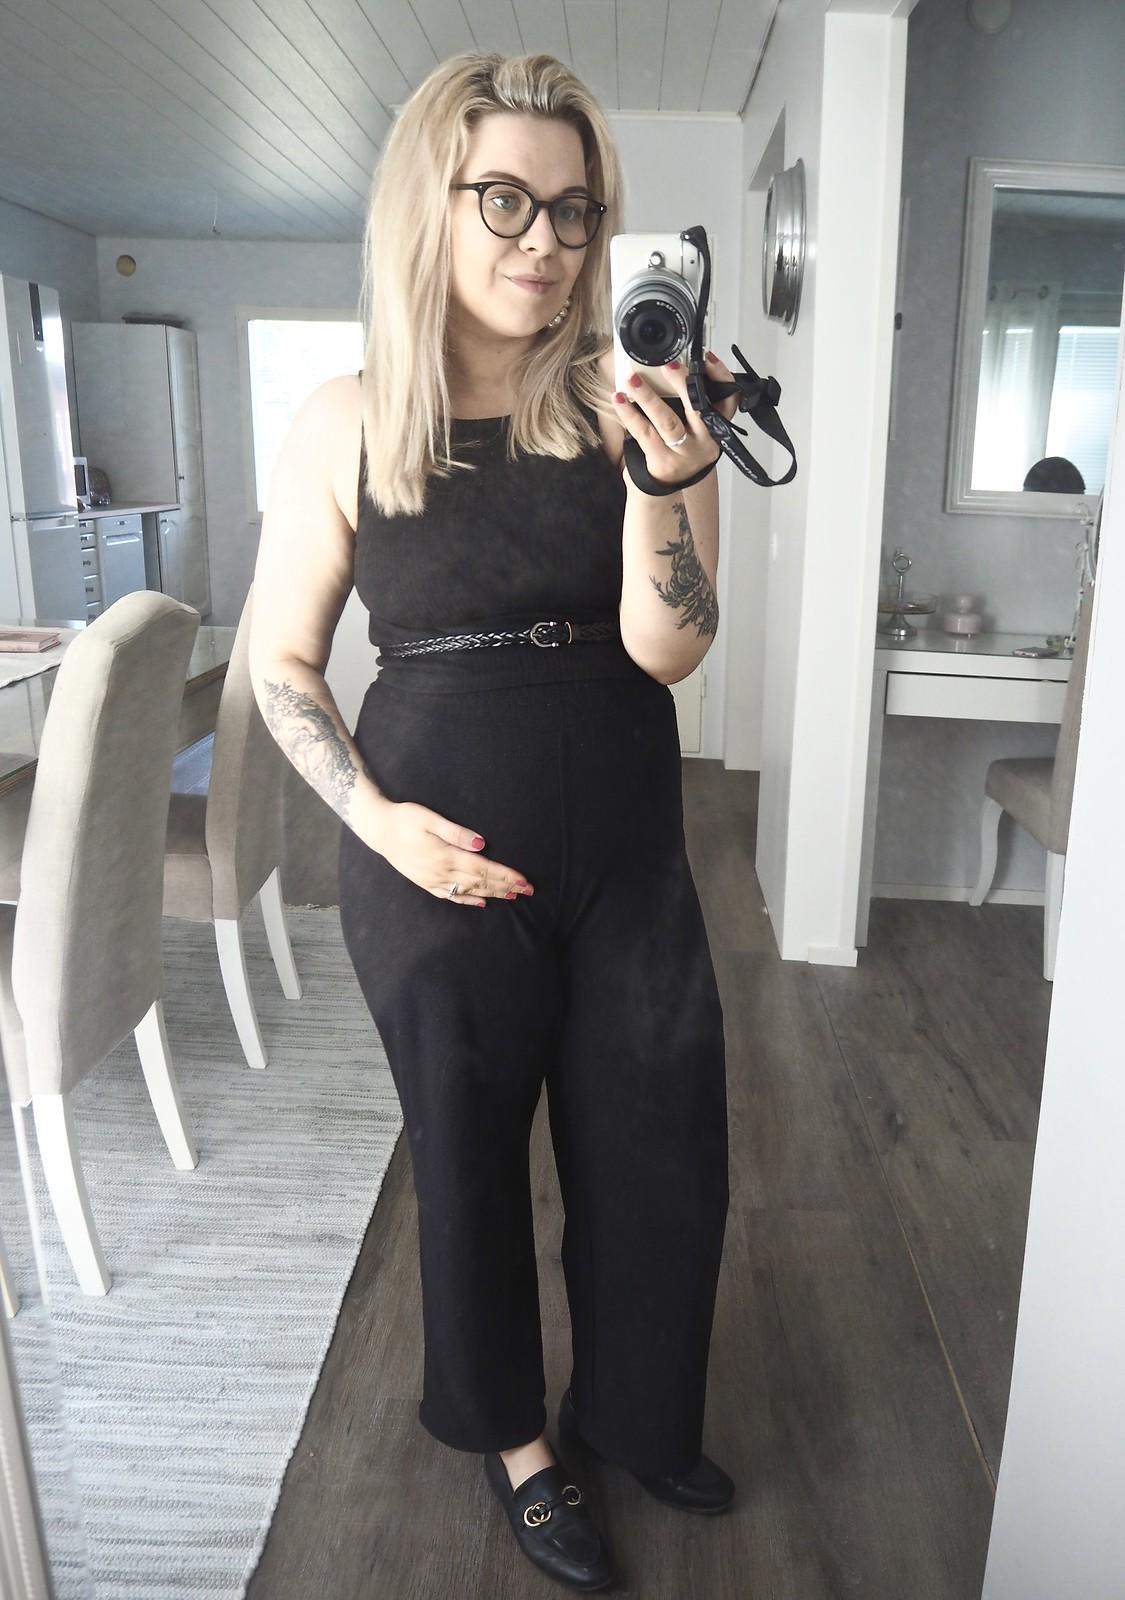 rv 23 raskauden puoliväli keskiraskaus selkäkipu sairasloma kristiina laakso